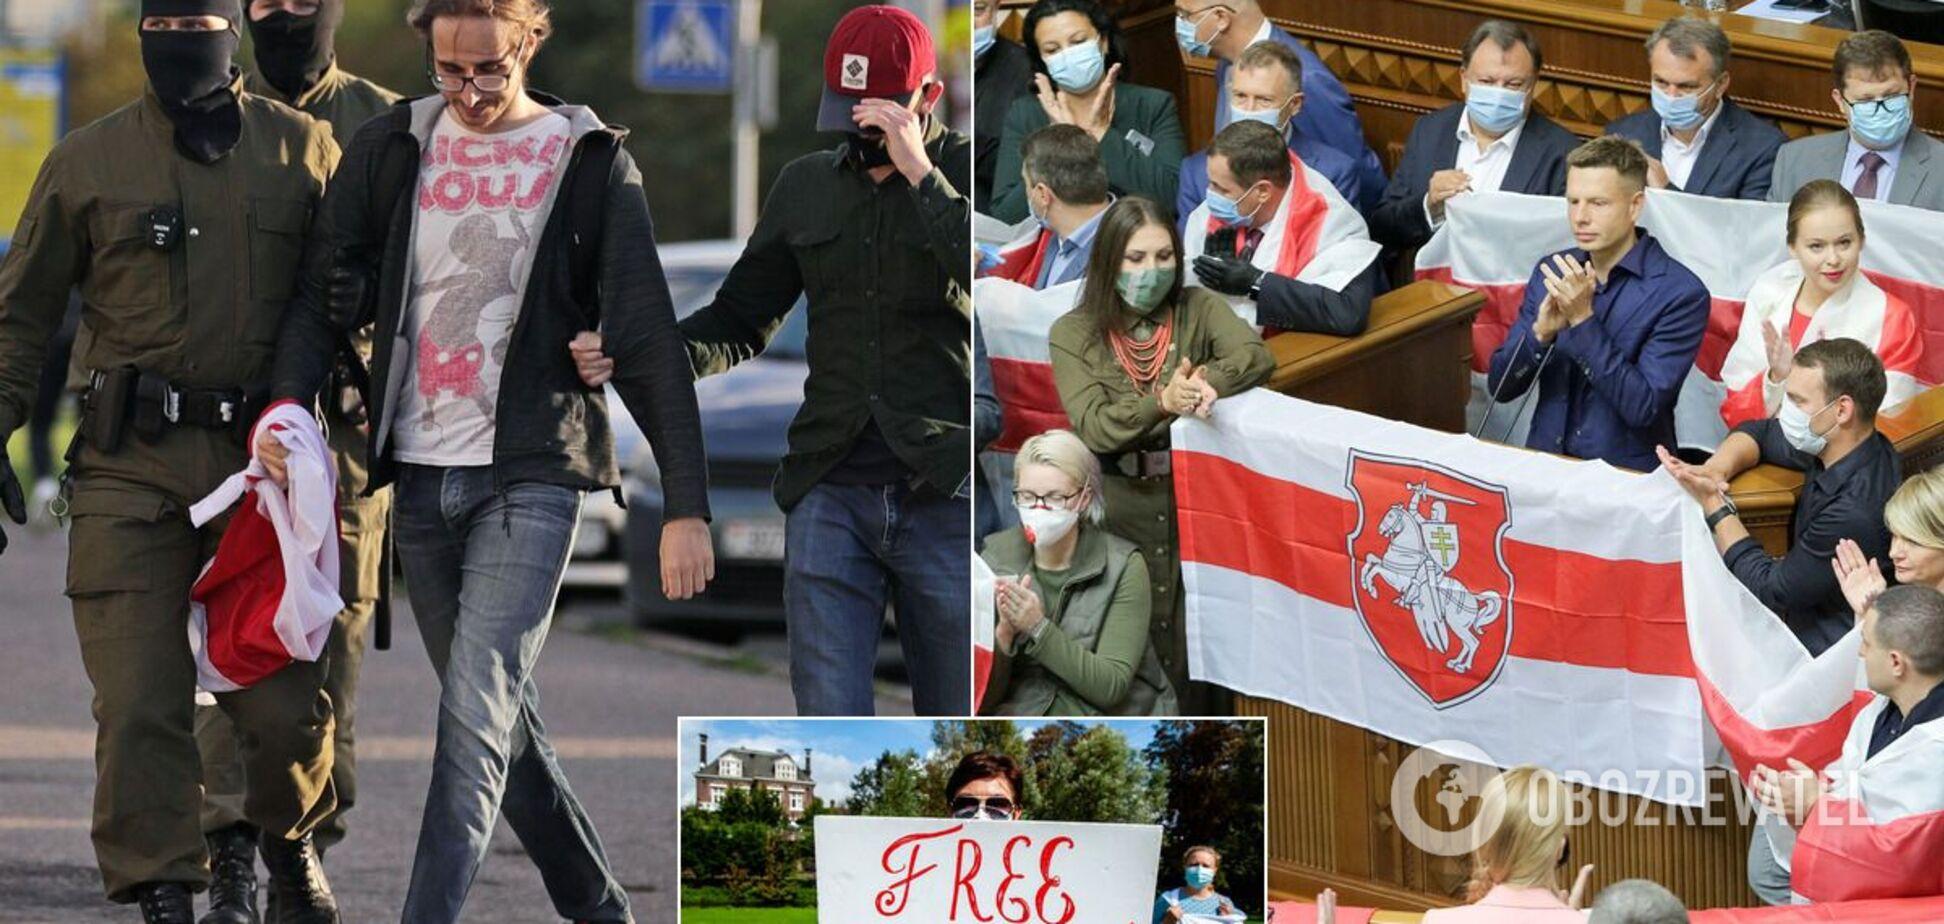 Білоруси масово втекли в Україну: для кого відкрито кордони і які є лазівки